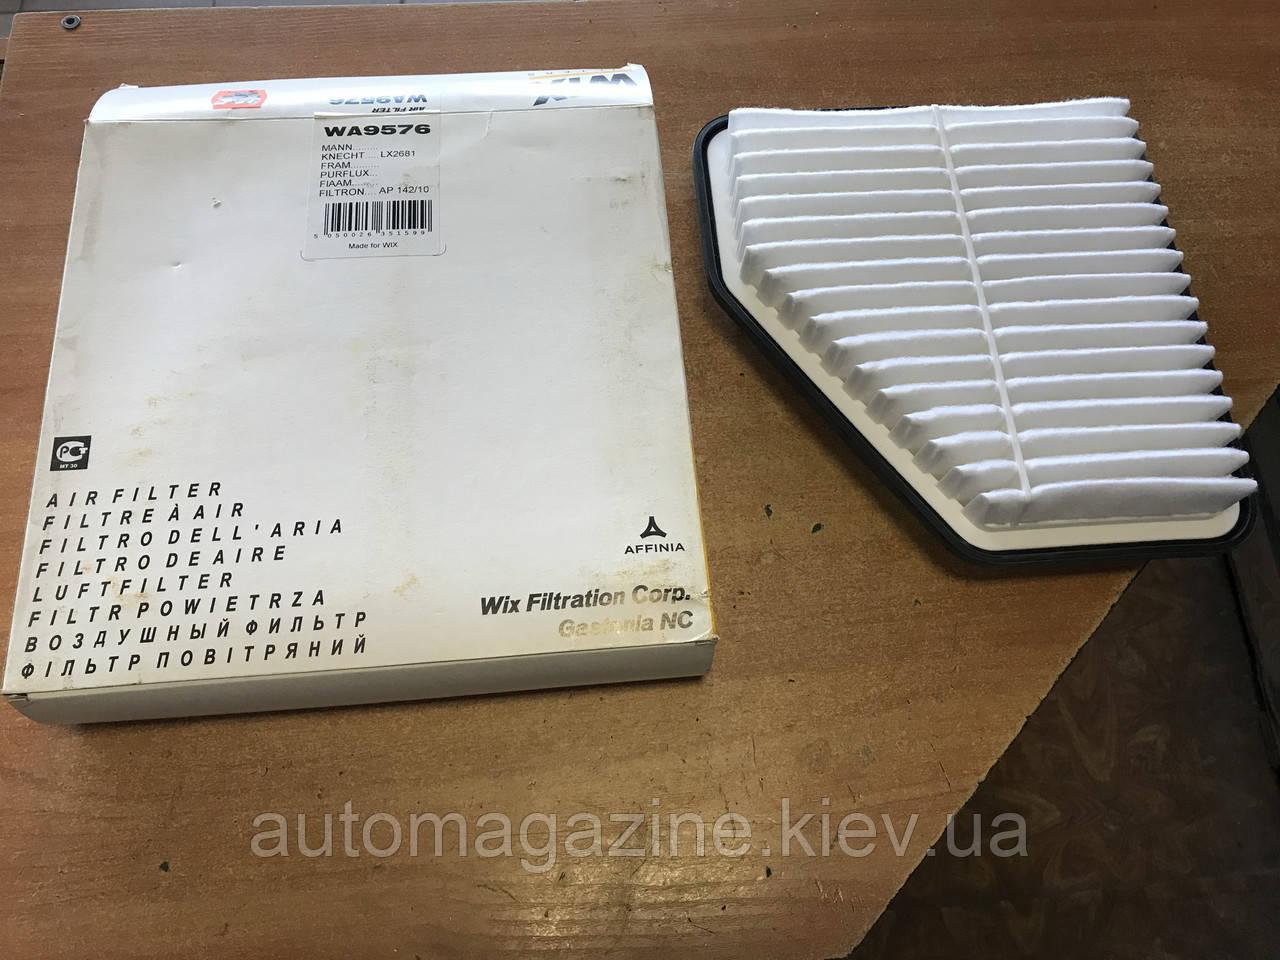 Фильтр воздушный WA 9576 (AP142/10)